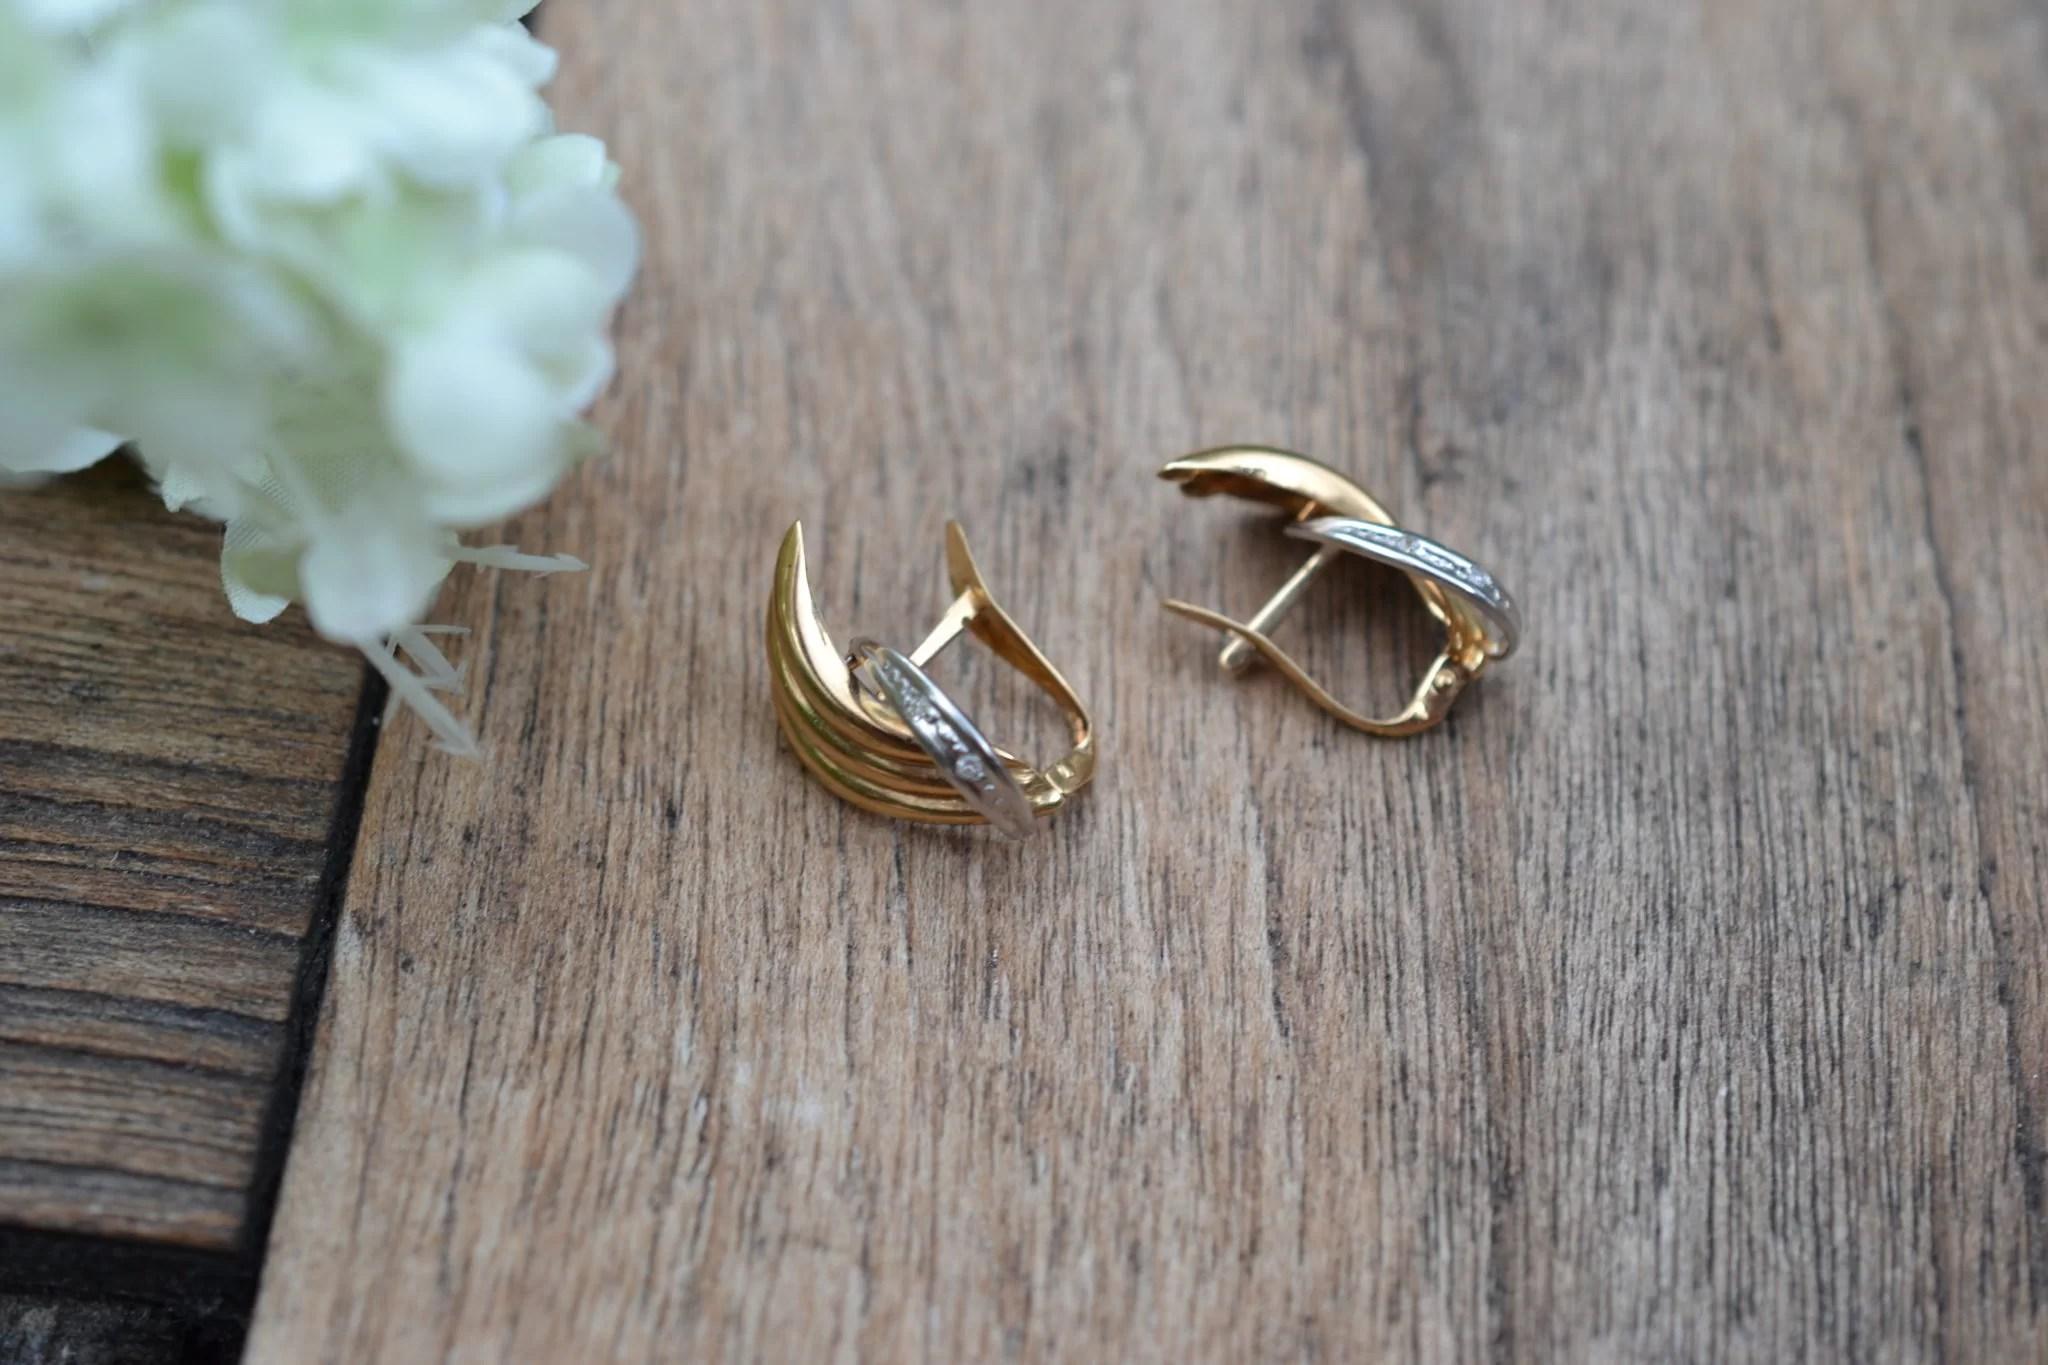 boucles d'oreilles anciennes en Or jaune et or blanc 18 carats - boucles d'oreilles pour mariage durable